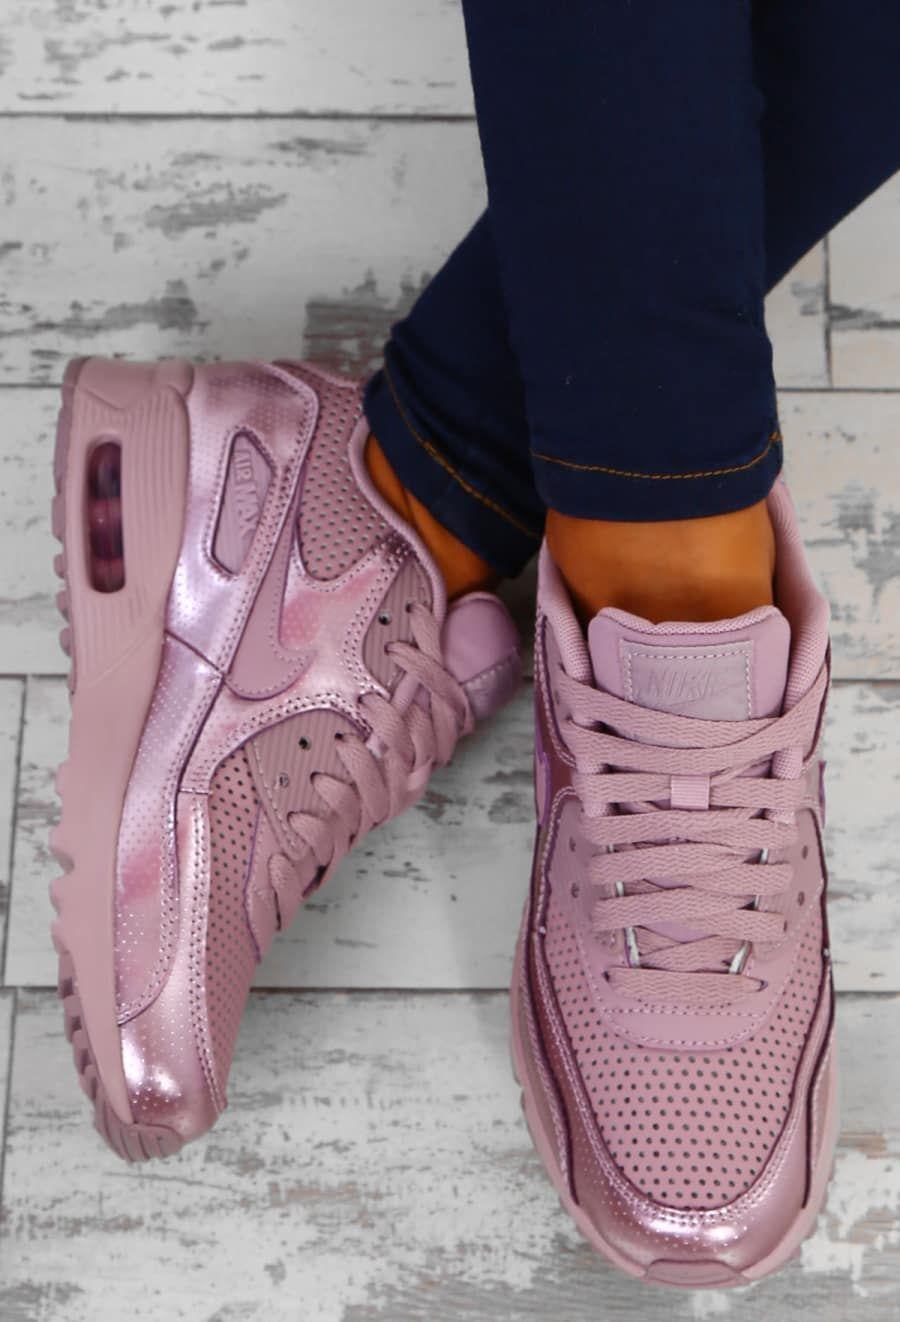 nike air max 90 pinnacle rose pink